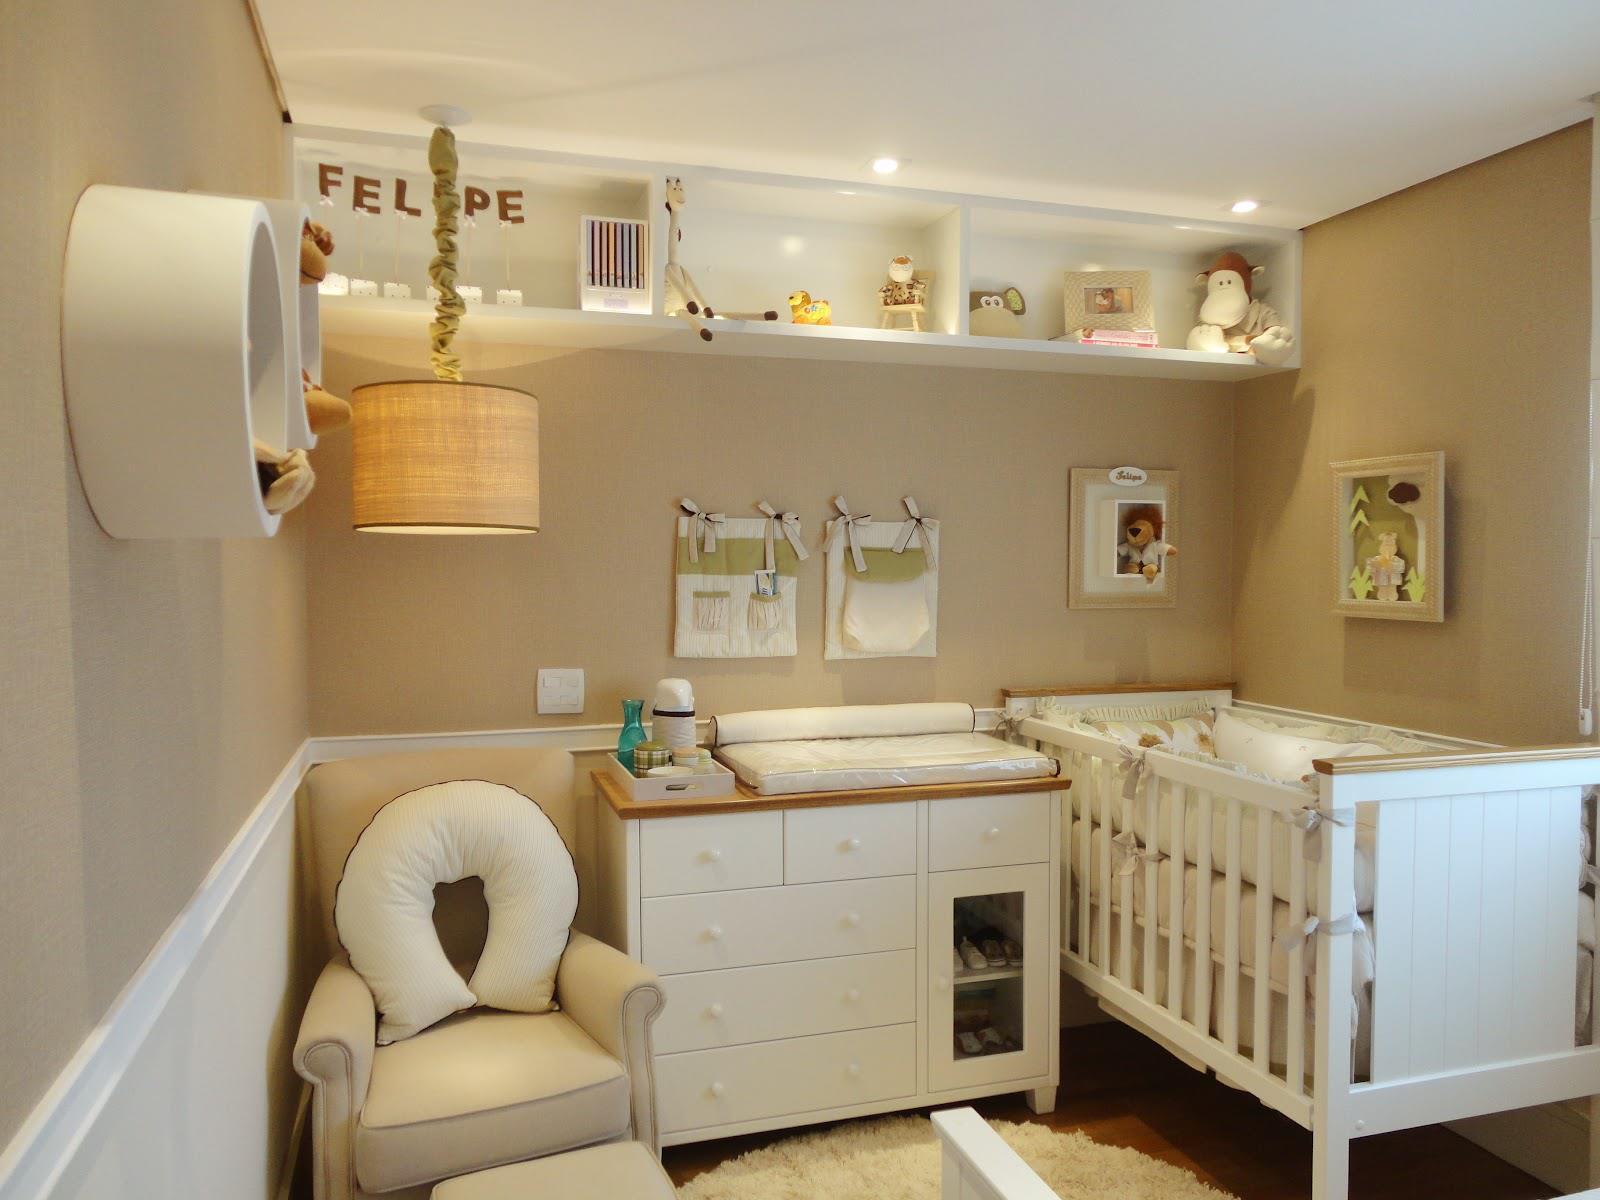 construindo minha casa clean quartos de beb modernos e